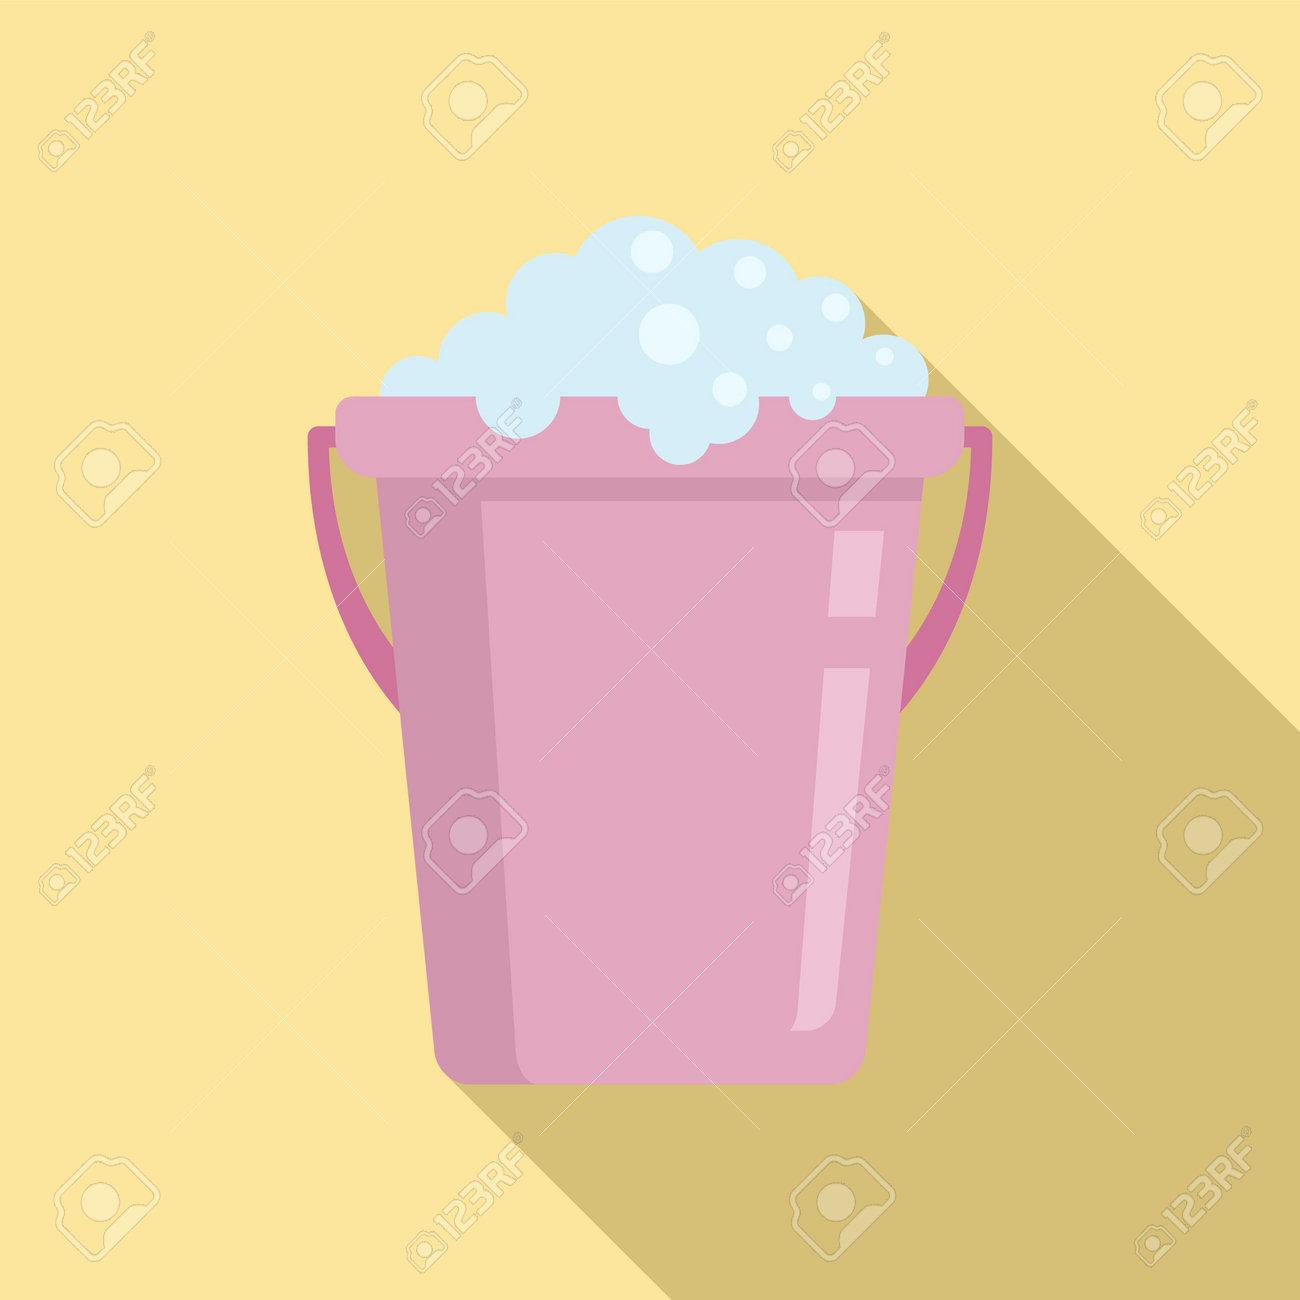 Wash soap bucket icon, flat style - 161096498